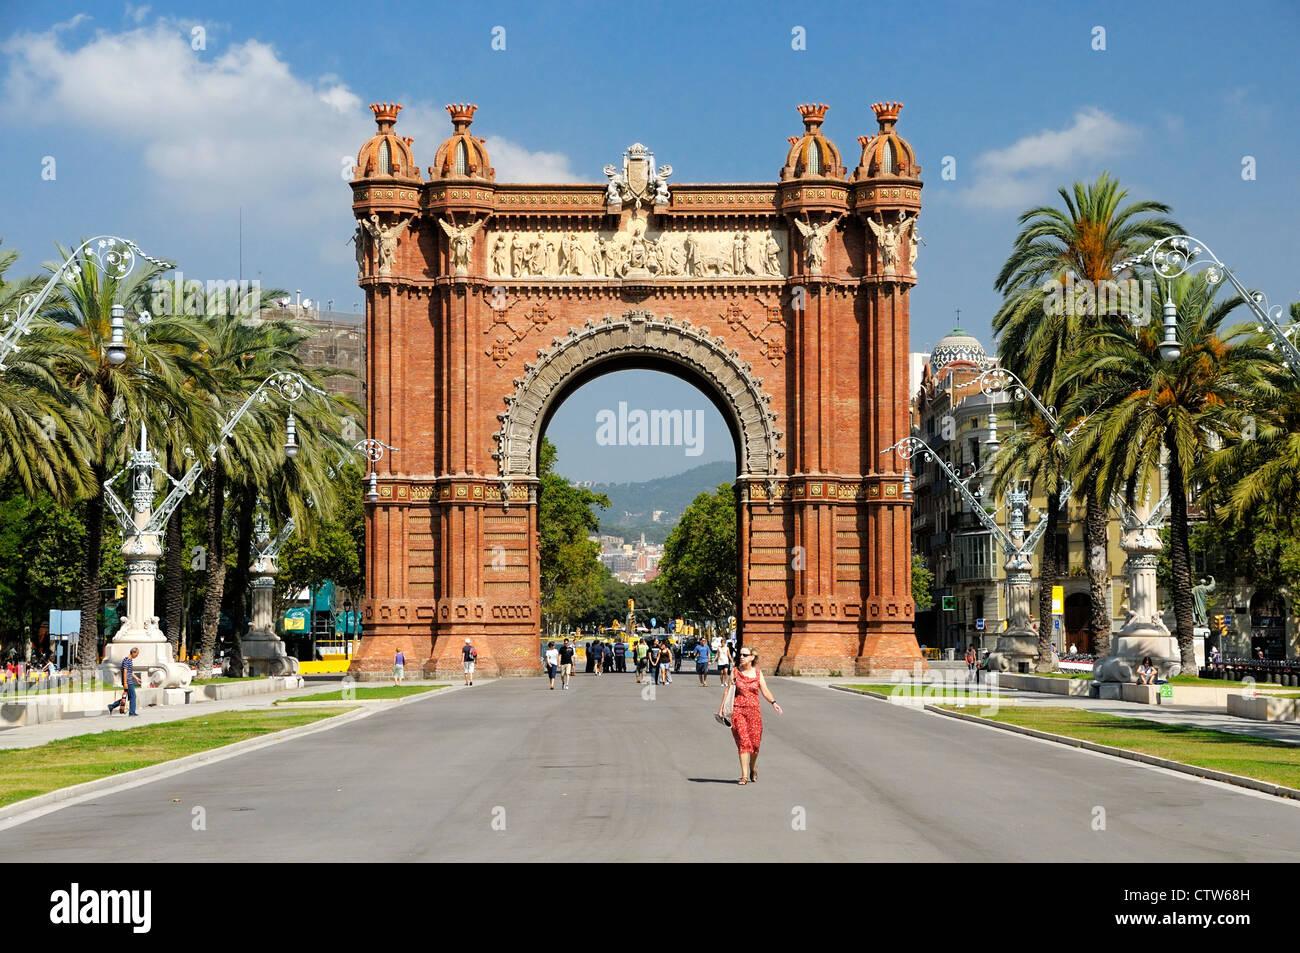 Arc de Triomf, Passeig de Lluís Companys, Barcelona, Spain - Stock Image